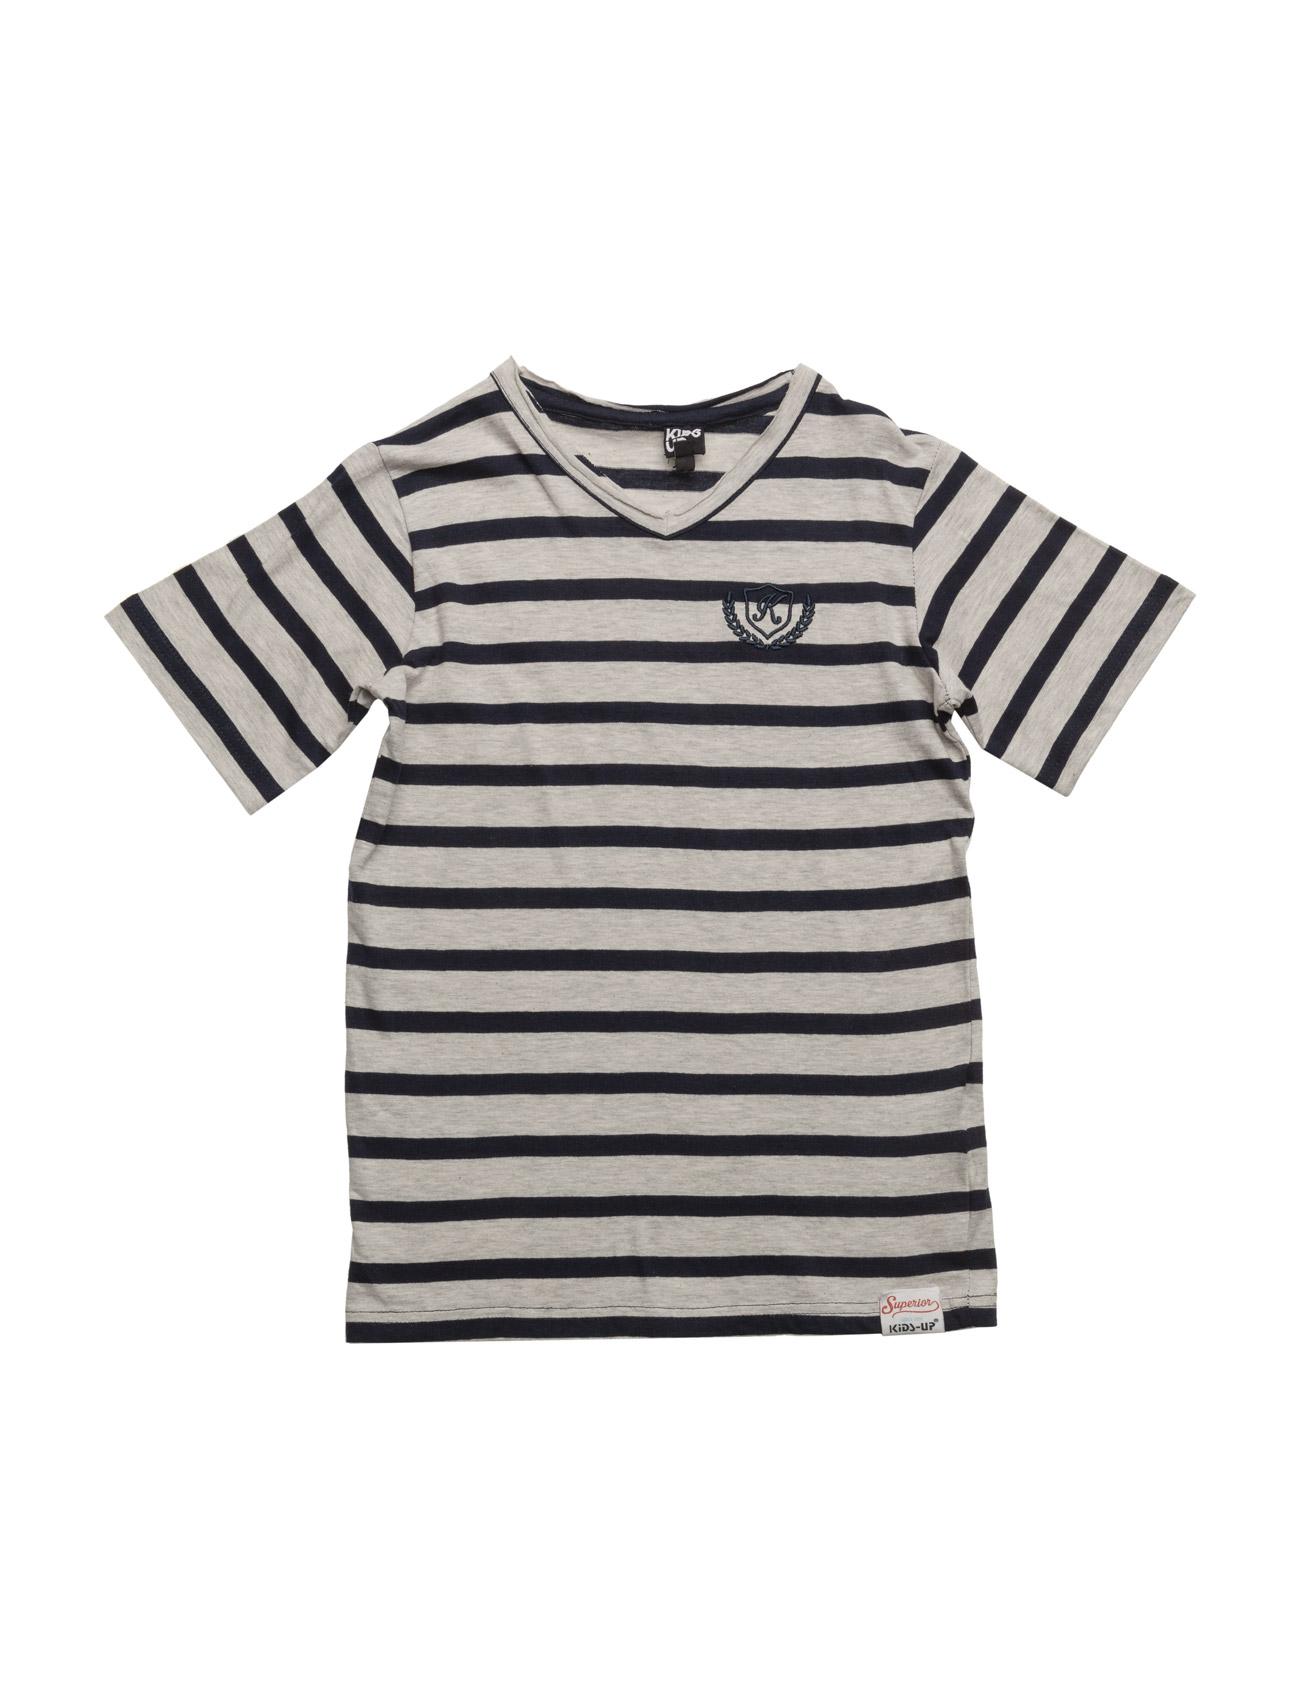 Jack T-Shirt S/S Kids-Up Kortærmede t-shirts til Børn i Navy blå